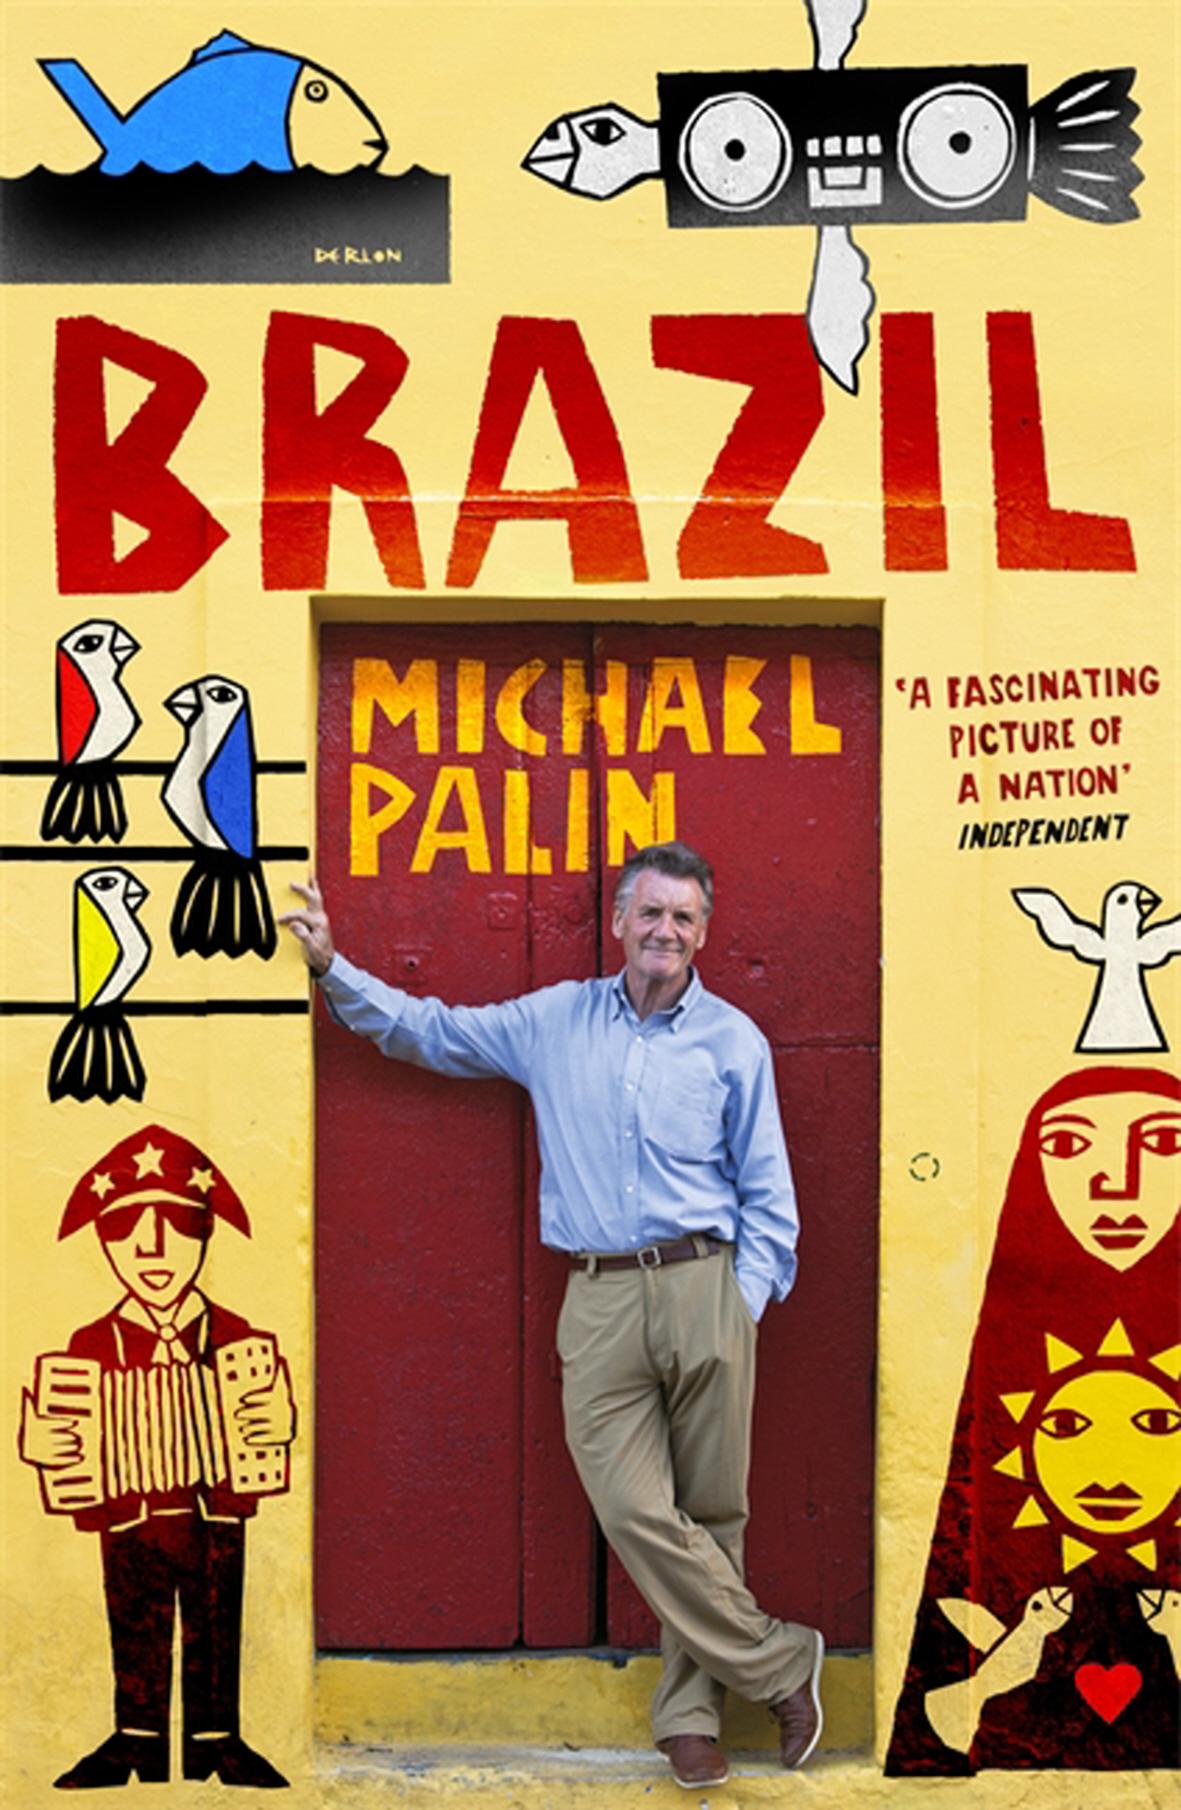 Reisverhaal Brazil | Michael Palin <br/>€ 14.50 <br/> <a href='https://www.dezwerver.nl/reisgidsen/?tt=1554_252853_241358_&r=https%3A%2F%2Fwww.dezwerver.nl%2Fr%2Fzuid-amerika%2Fbrazilie%2Fc%2Fboeken%2Freisverhalen%2F9781780220864%2Freisverhaal-brazil-michael-palin%2F' target='_blank'>Meer Info</a>